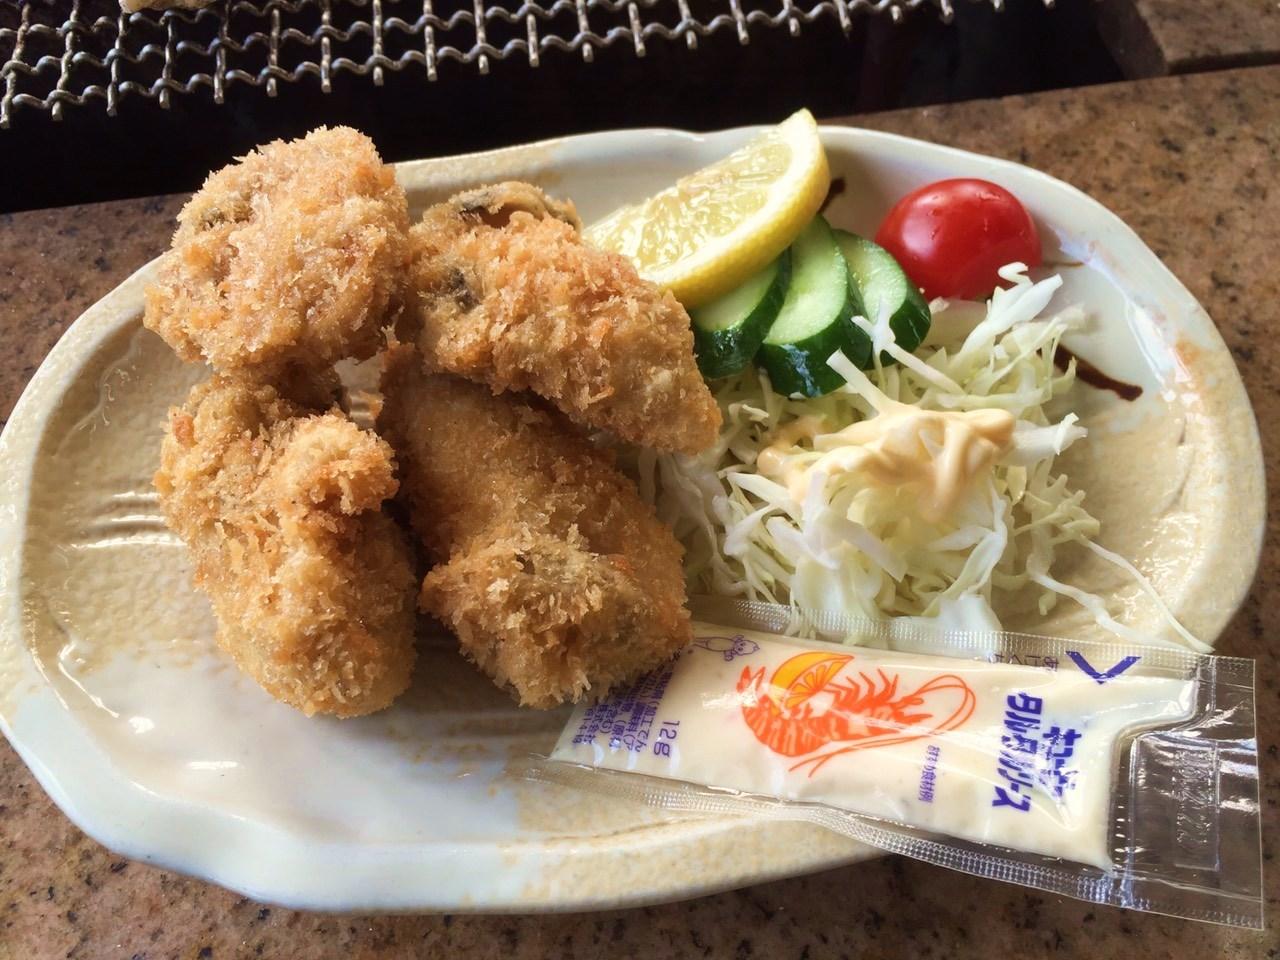 http://seitousha.sakura.ne.jp/sblo_files/seitousha/image/S__33480766.jpg